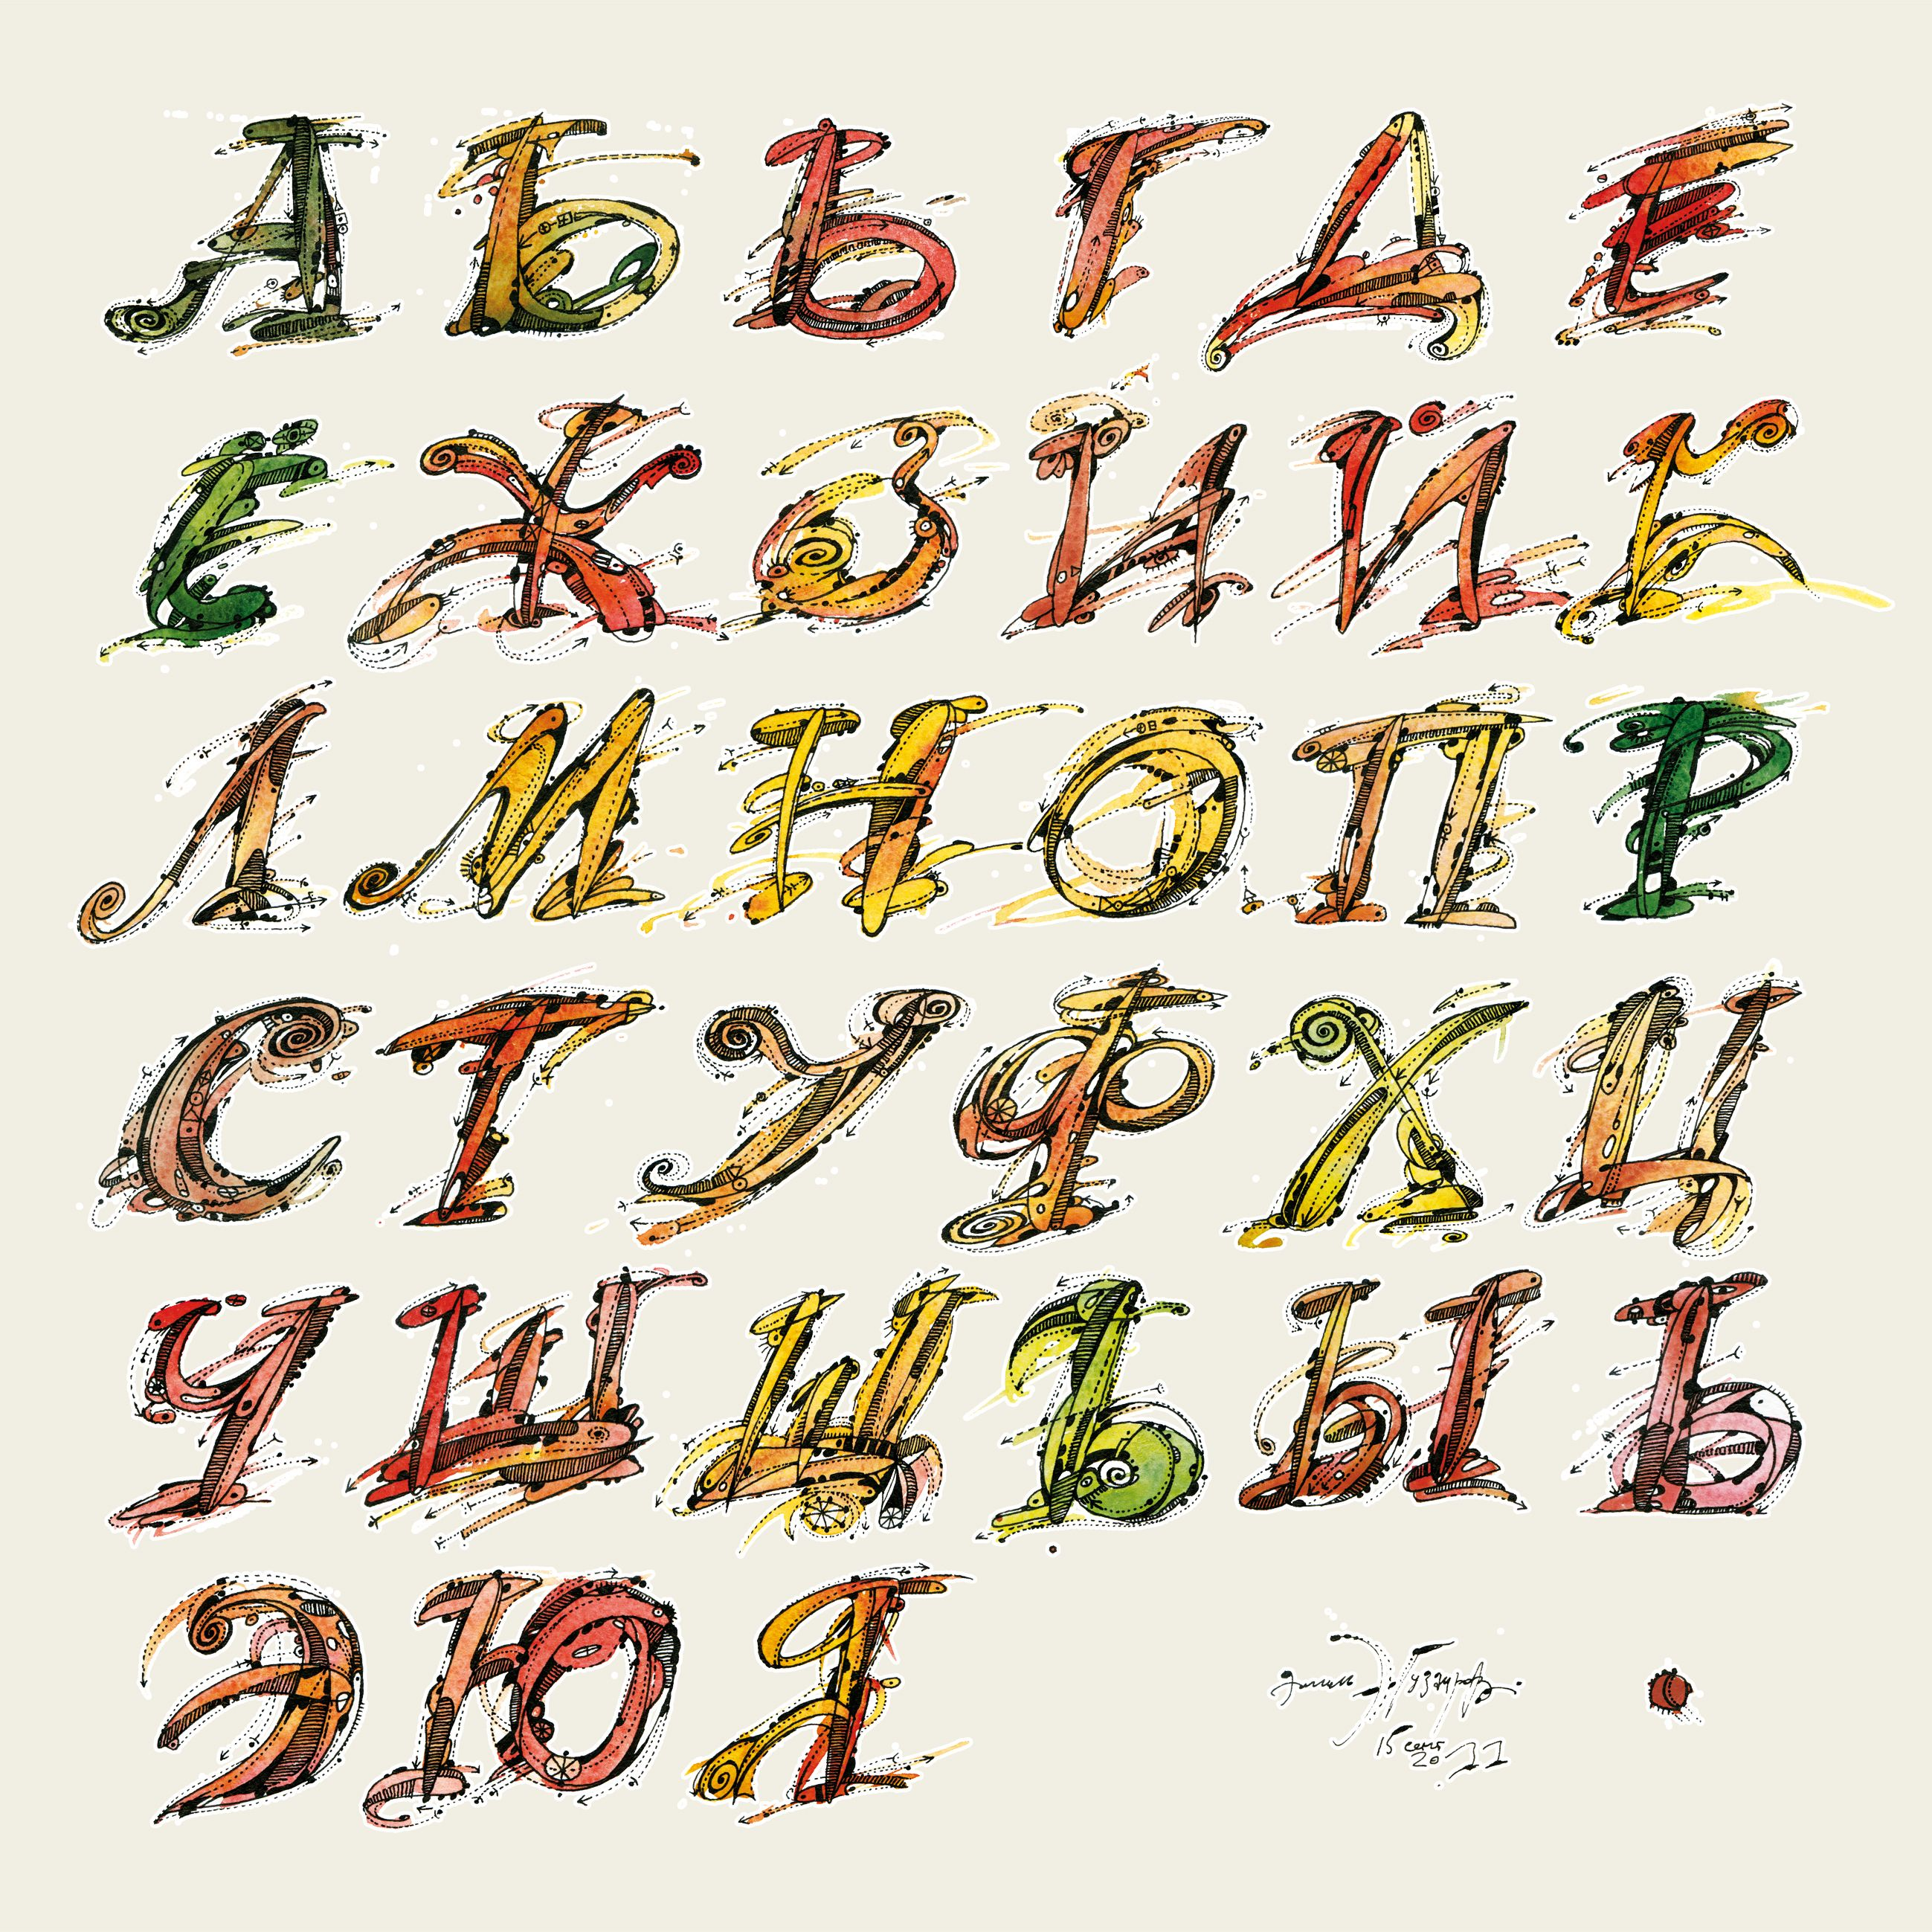 все декоративный русский алфавит картинки прическу совершенства